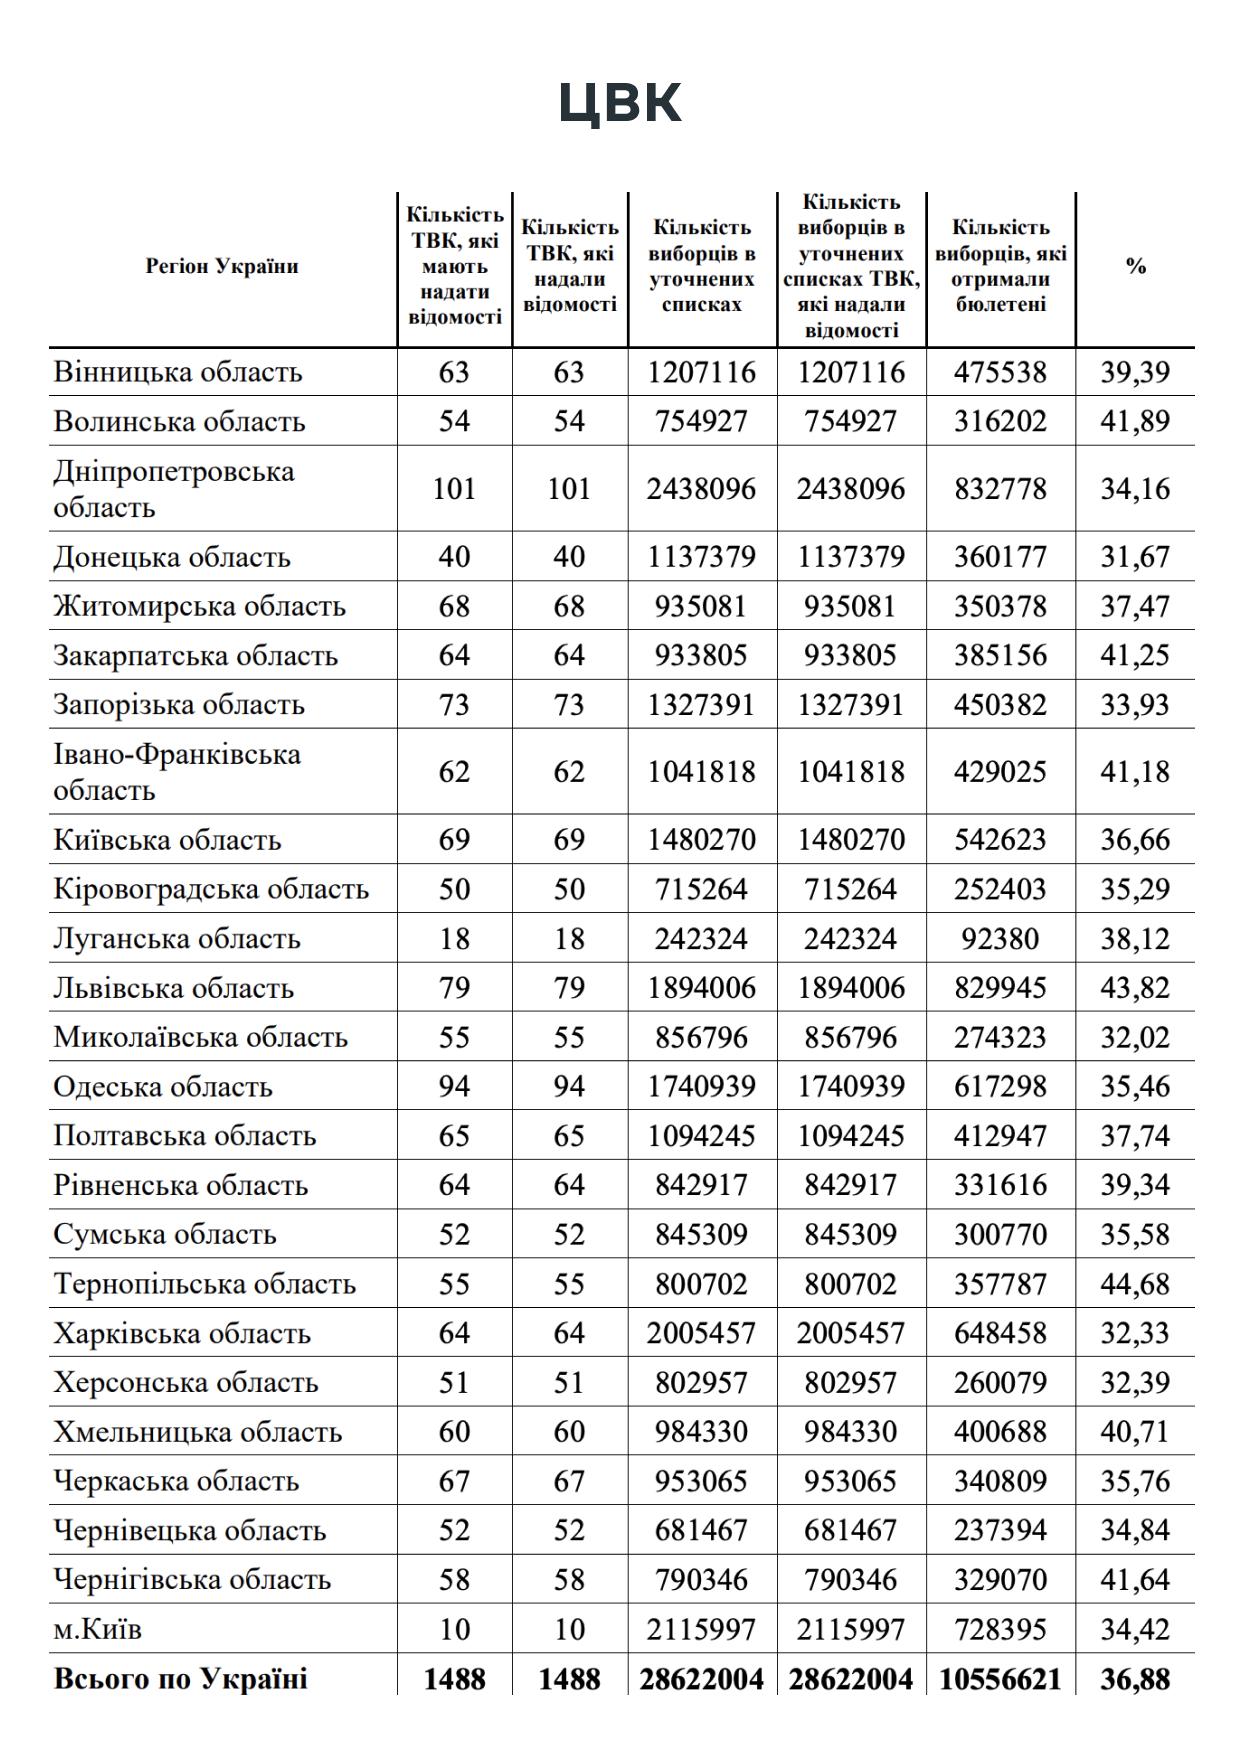 Назван город с самым низким показателем явки на местные выборы в Украине